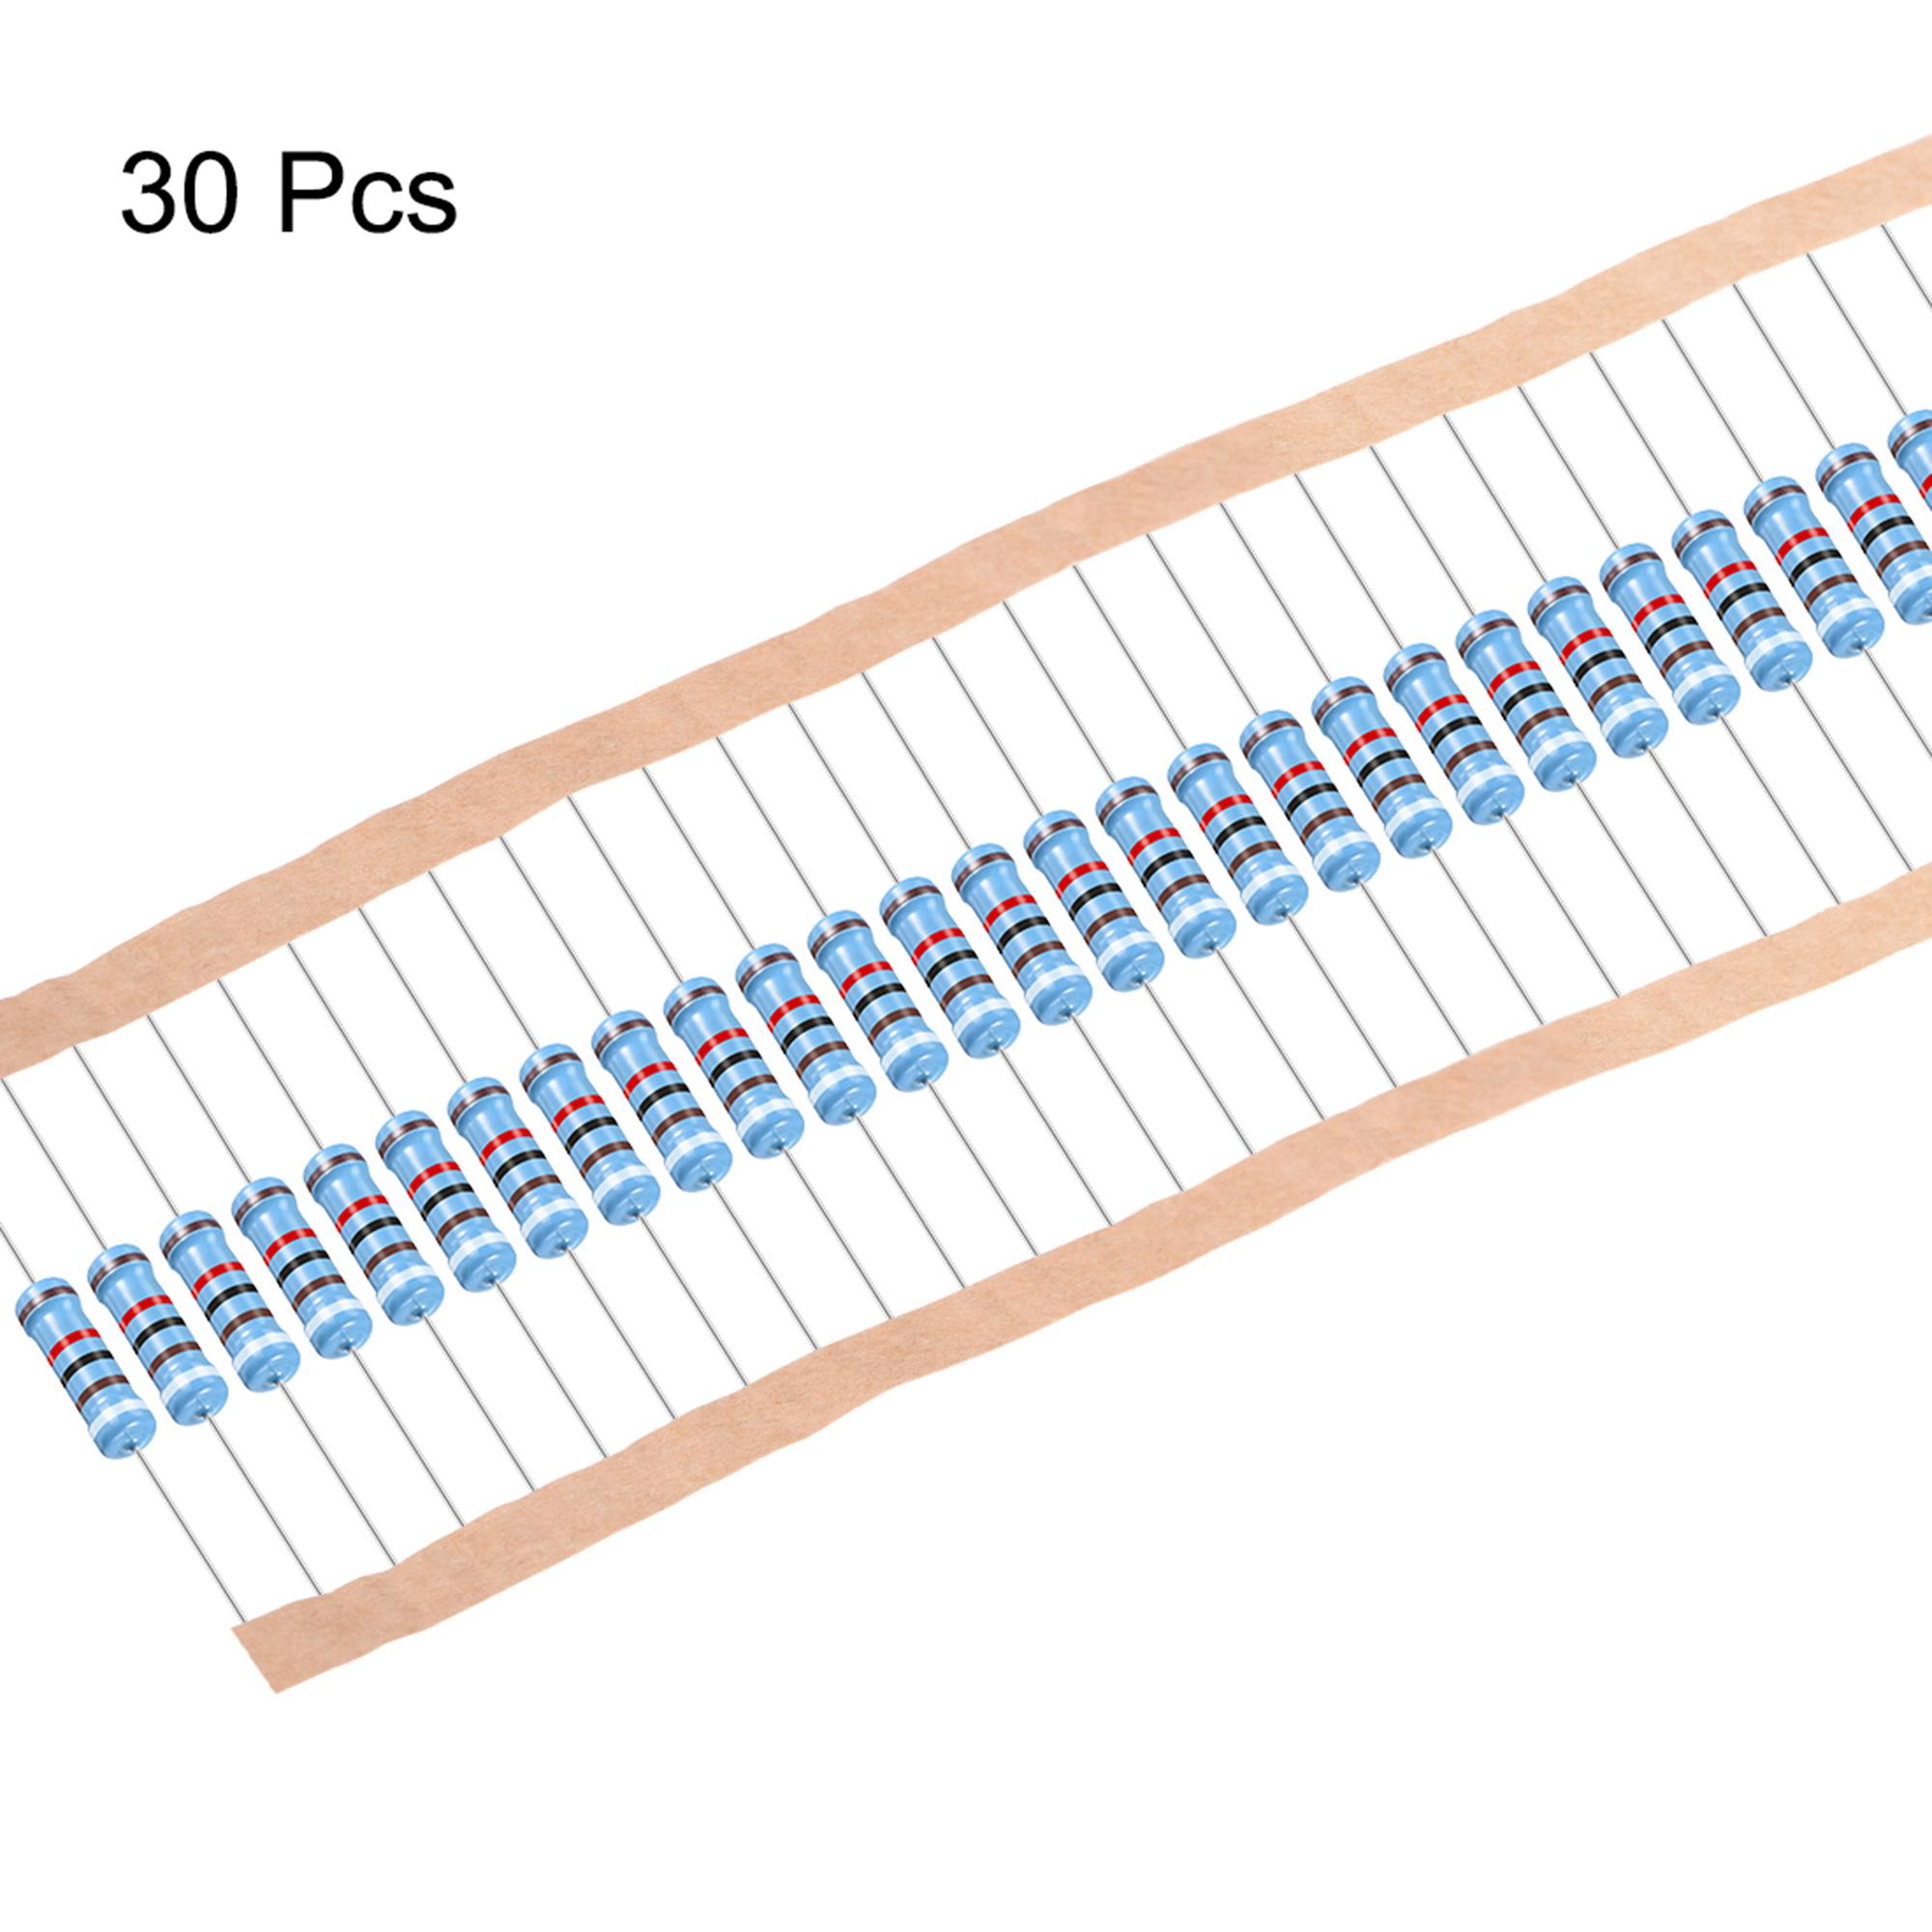 30pcs Metal Film Resistors 91K Ohm 2W 1%Tolerances 5 Color Bands - image 1 de 4